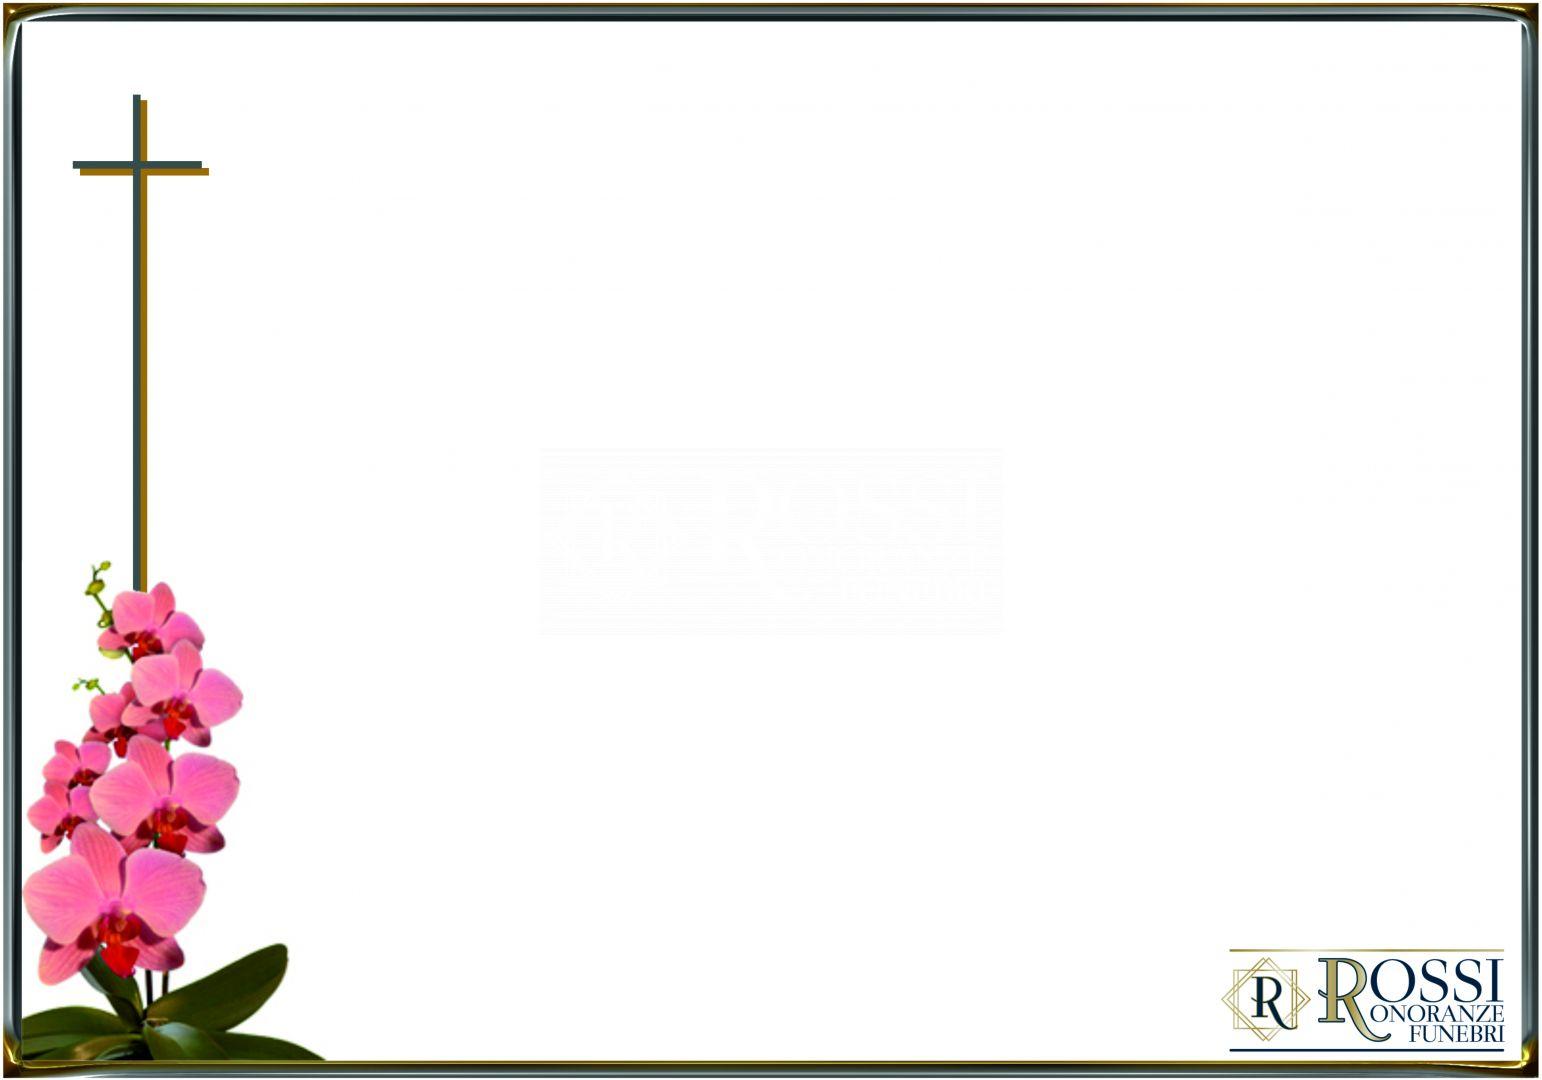 croce-con-fiore-4-1507798245865